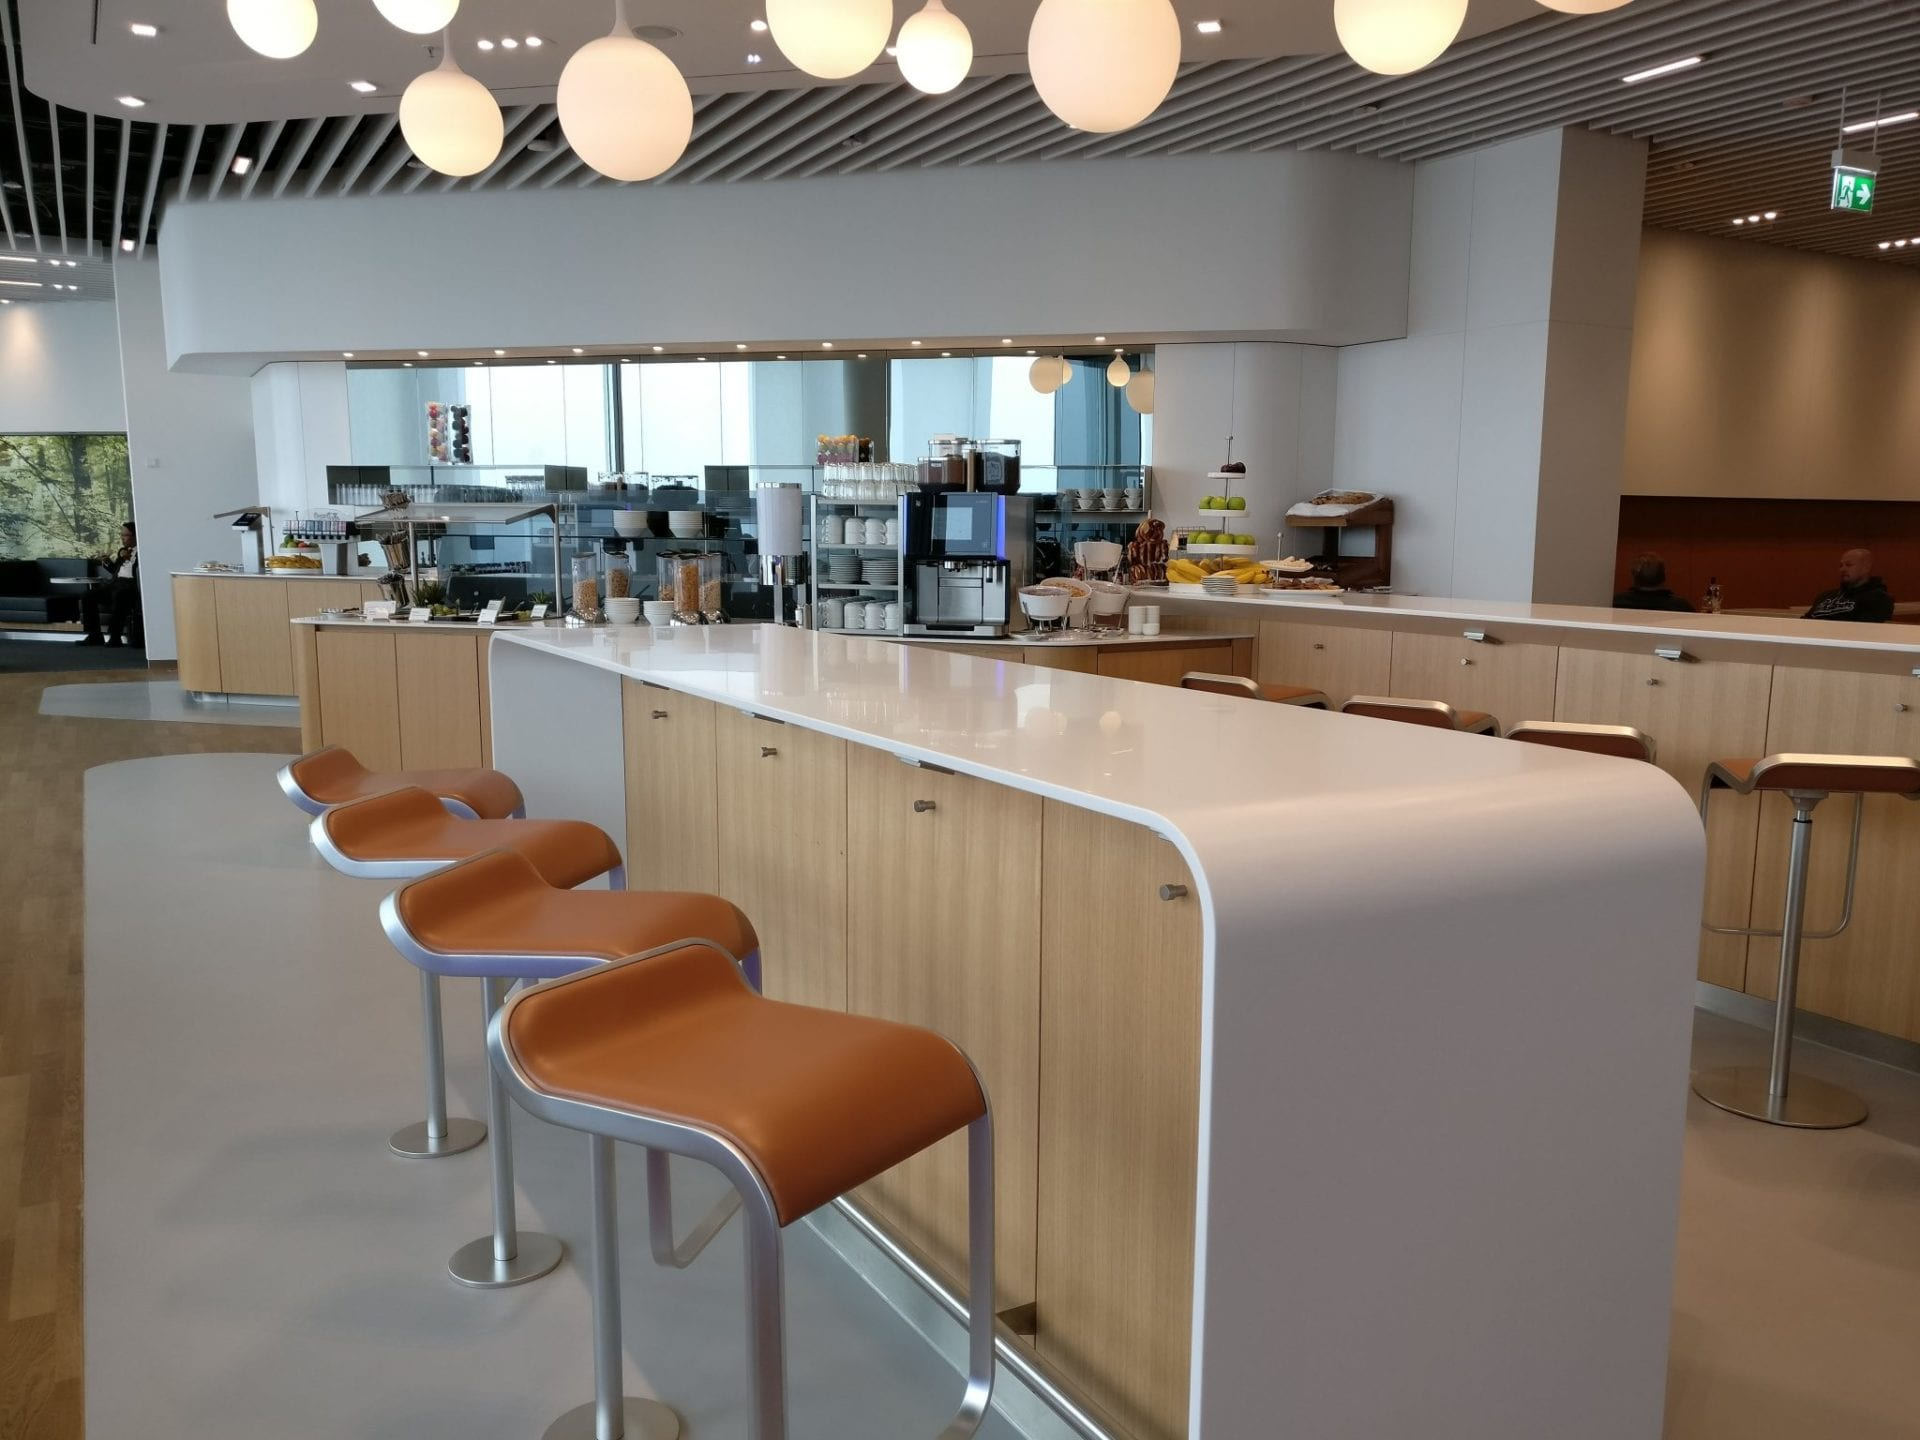 Lufthansa Senator Lounge Munich L11 Seating 6